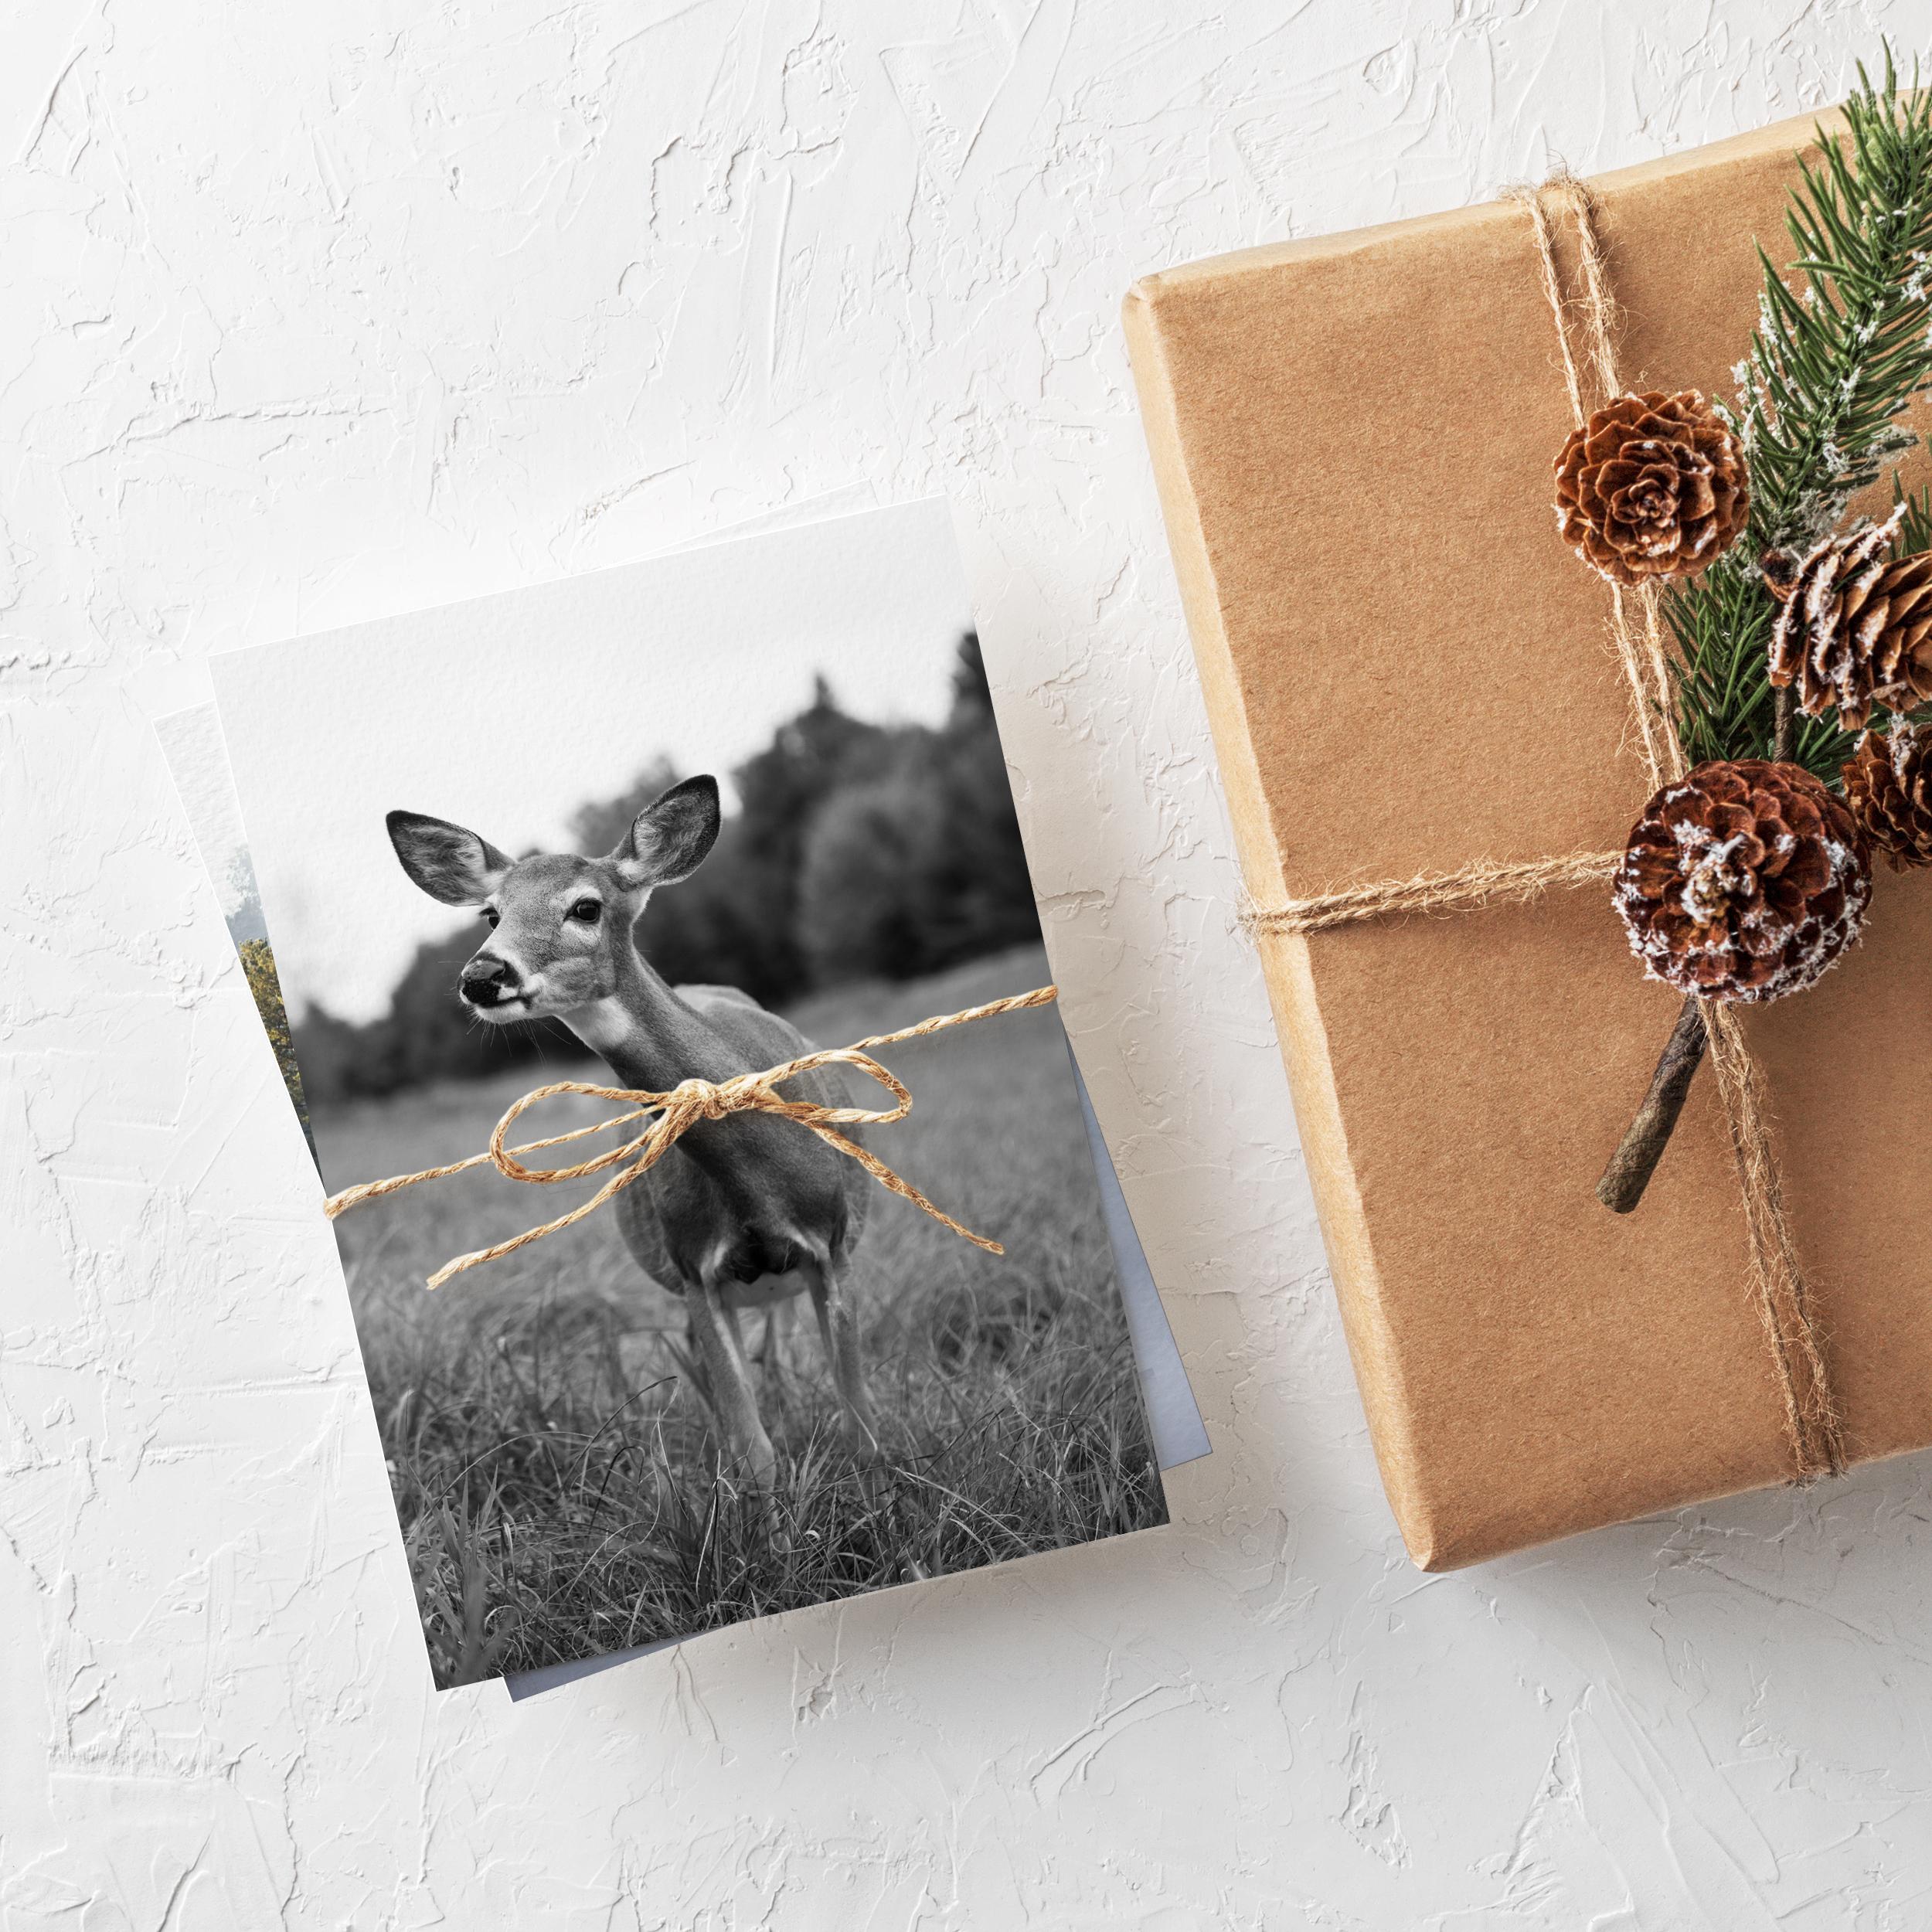 Christmas Mockup_6 01.jpg